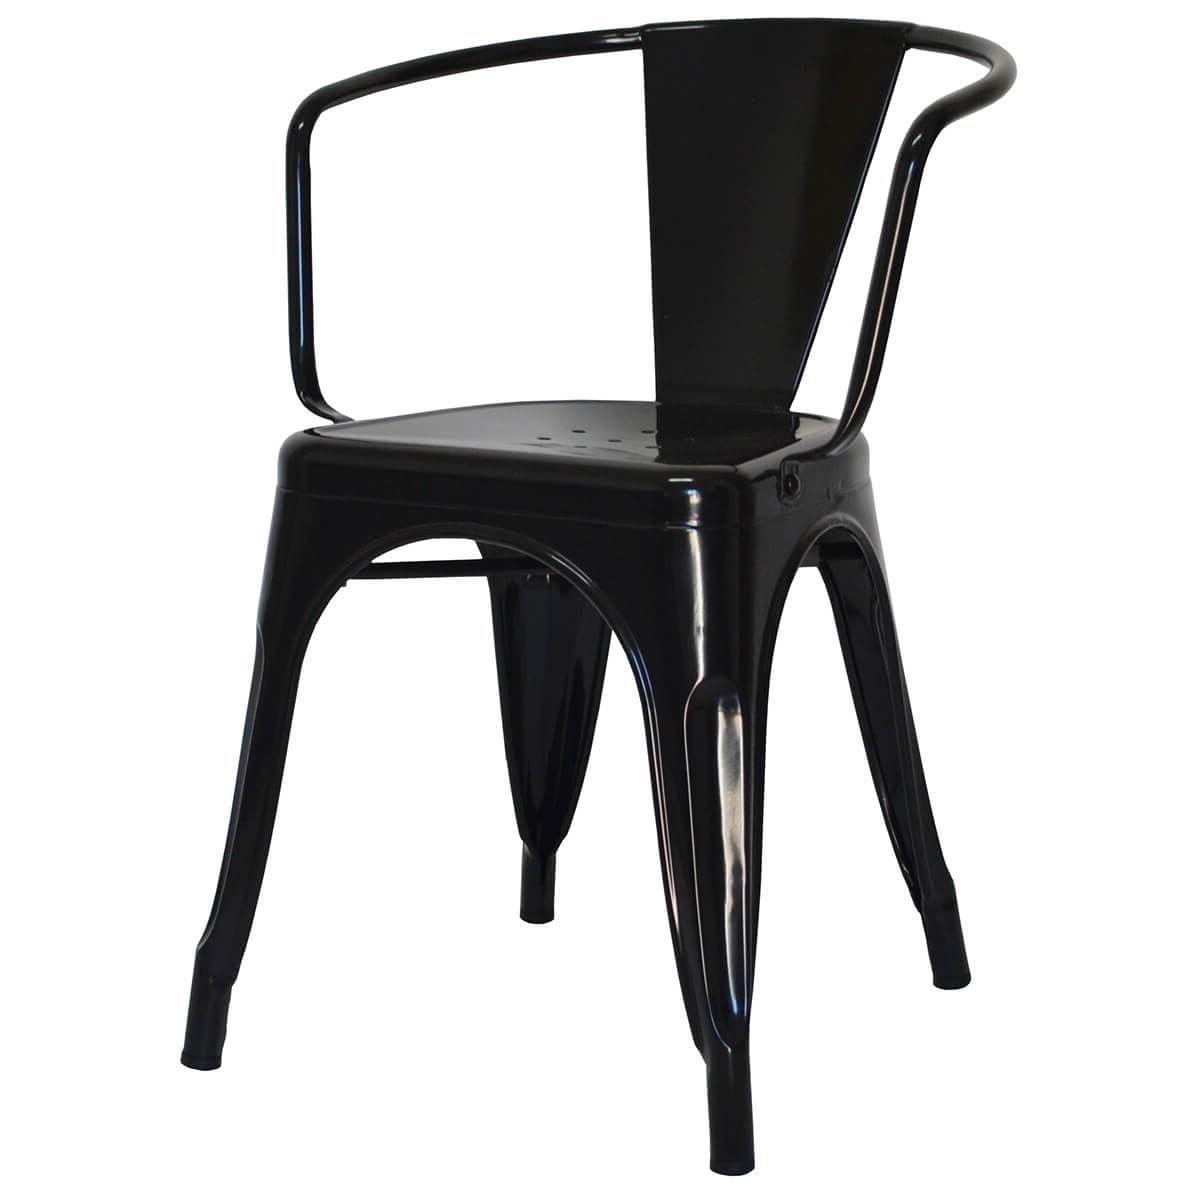 Cadeira Iron Tolix com Braco com Pintura Epoxi Preta - 46894